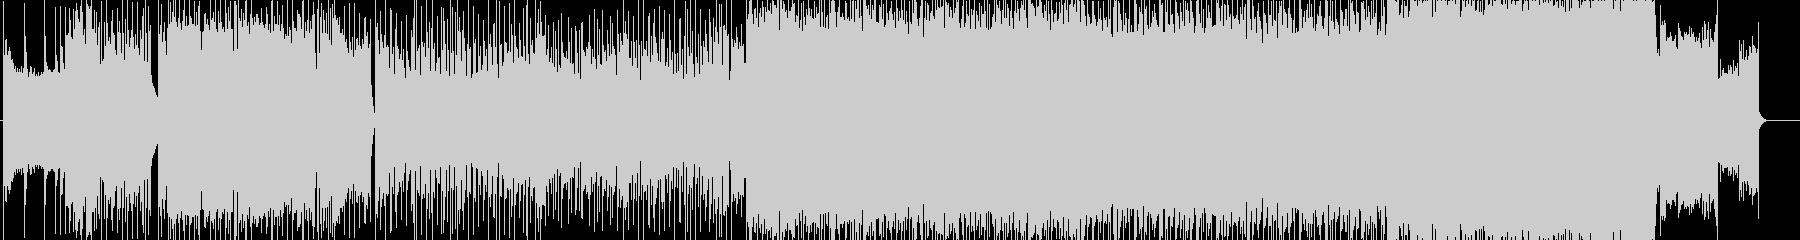 激しいオルタナティブロックの未再生の波形